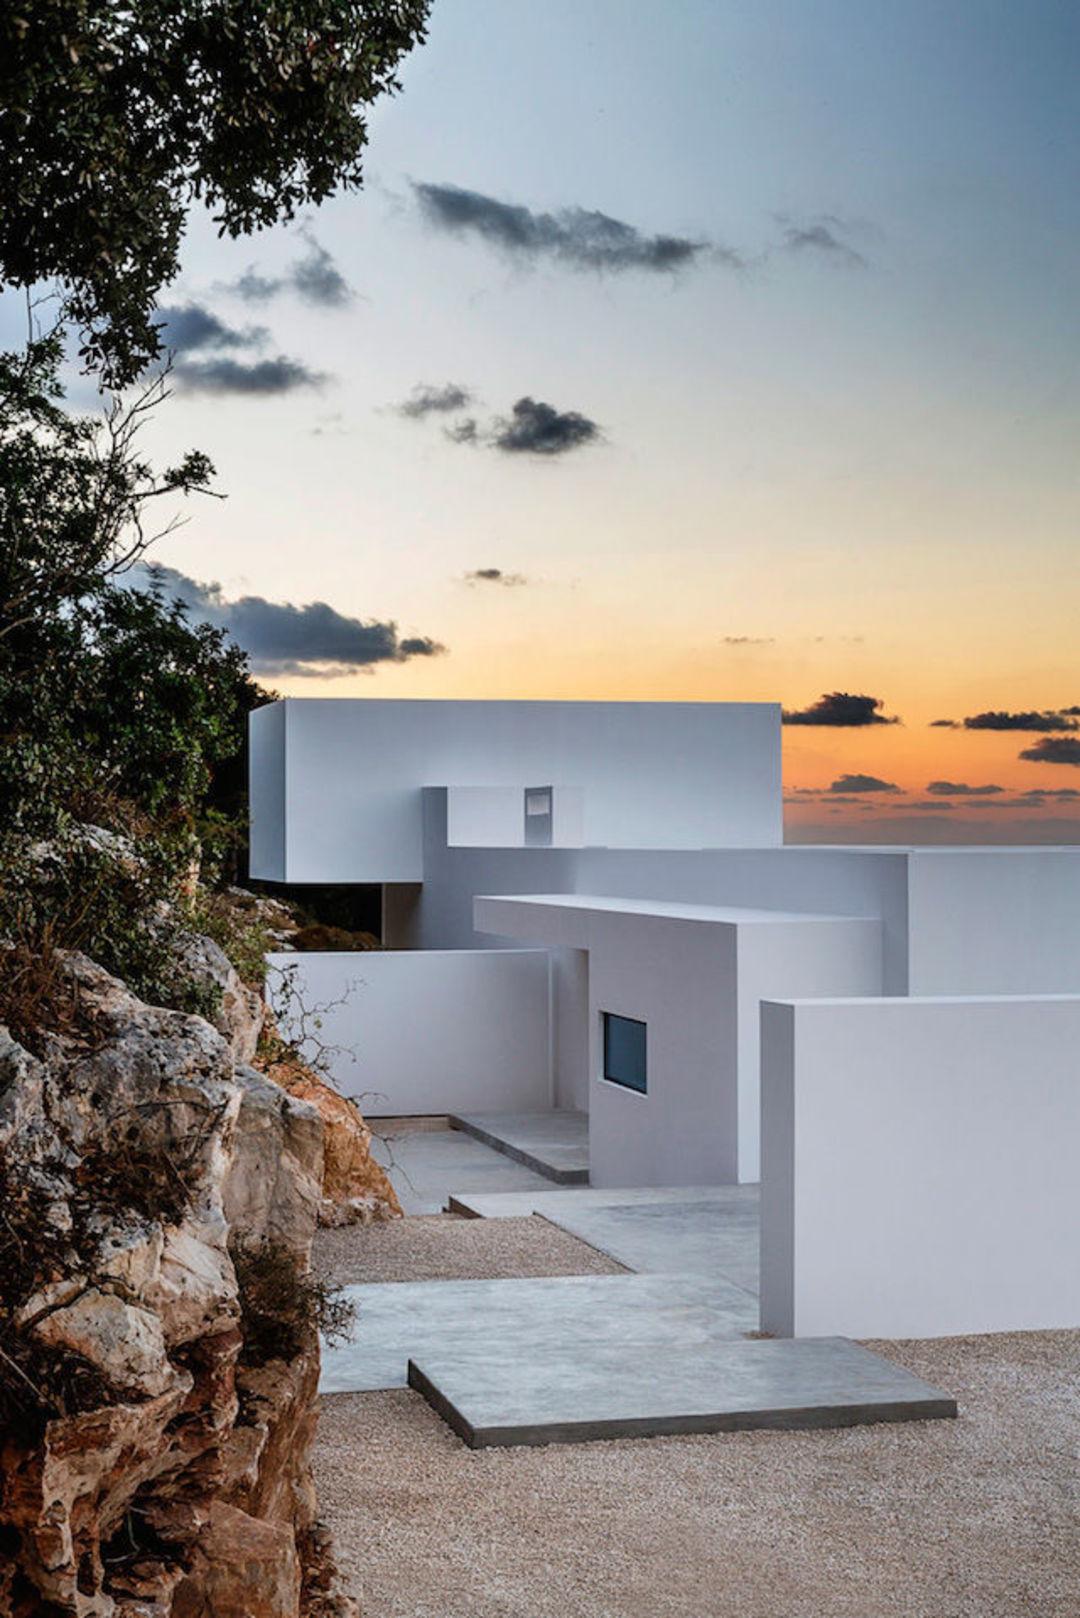 怎么把希腊的海和天请进屋里,设计师动了动窗户的设计_设计_好奇心日报